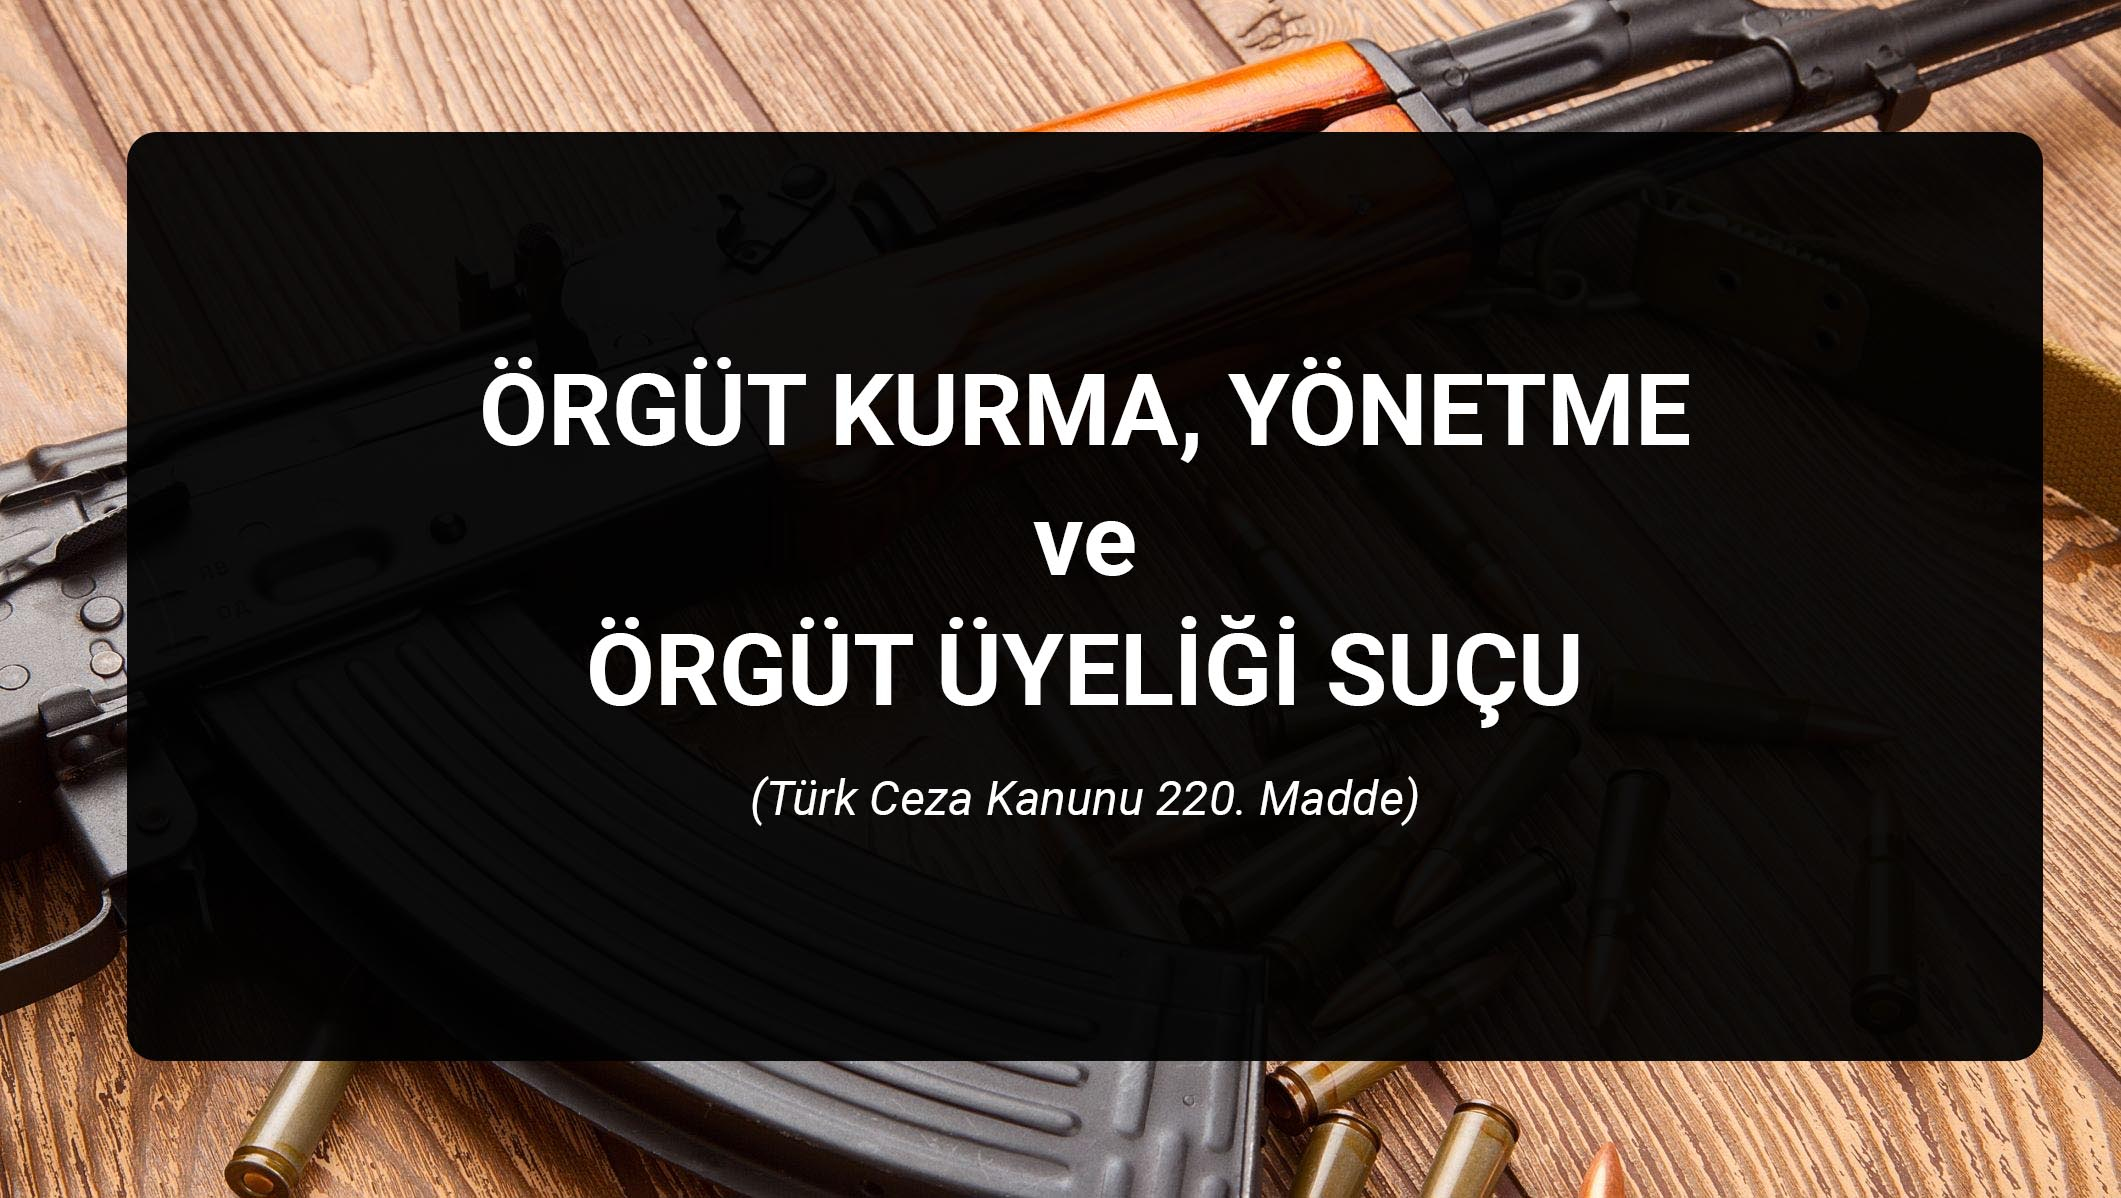 tck 220